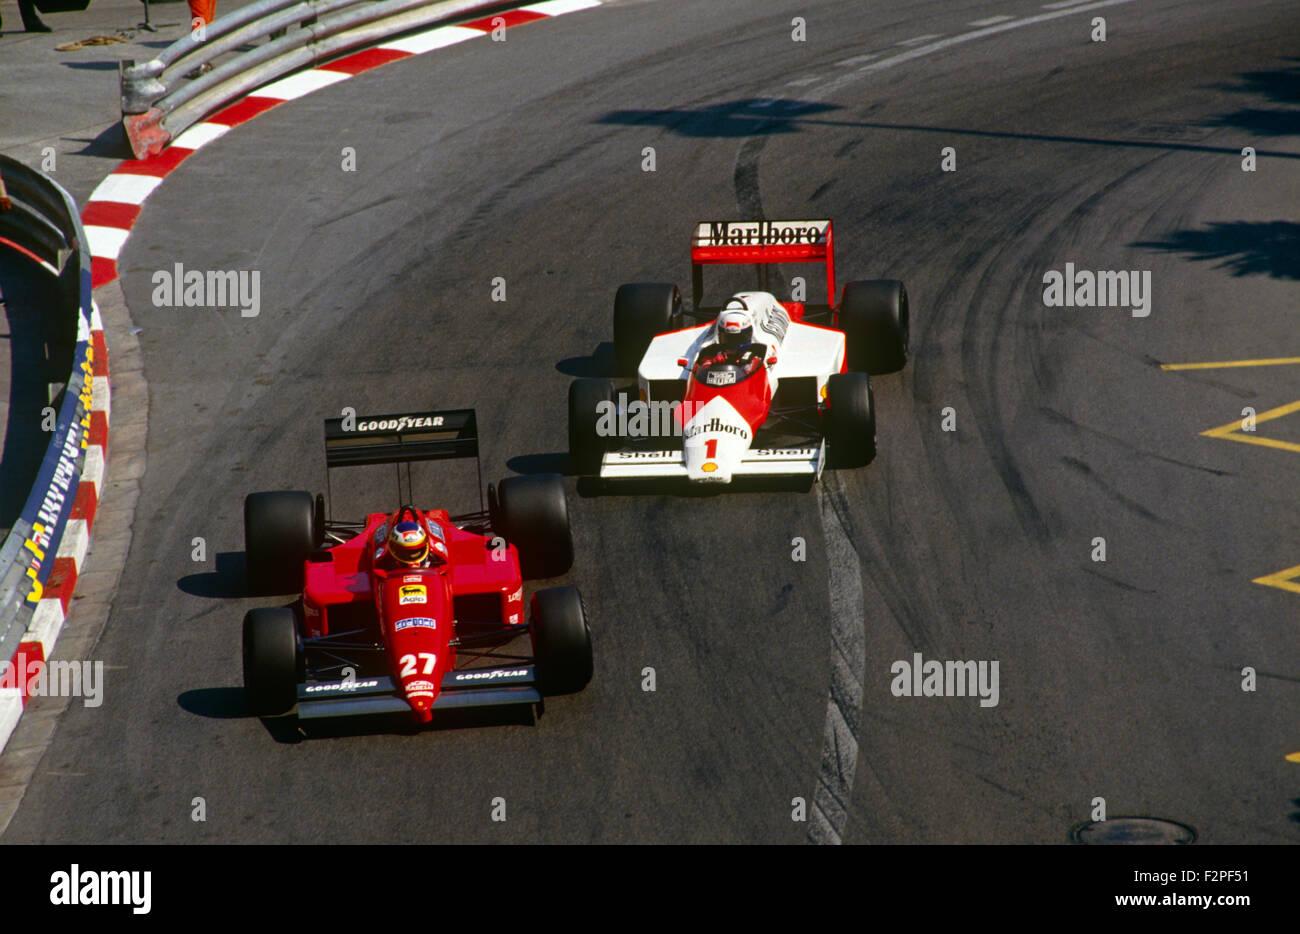 Alboreto in his Ferrari leading Prost in his McLaren 1987 Stock Photo